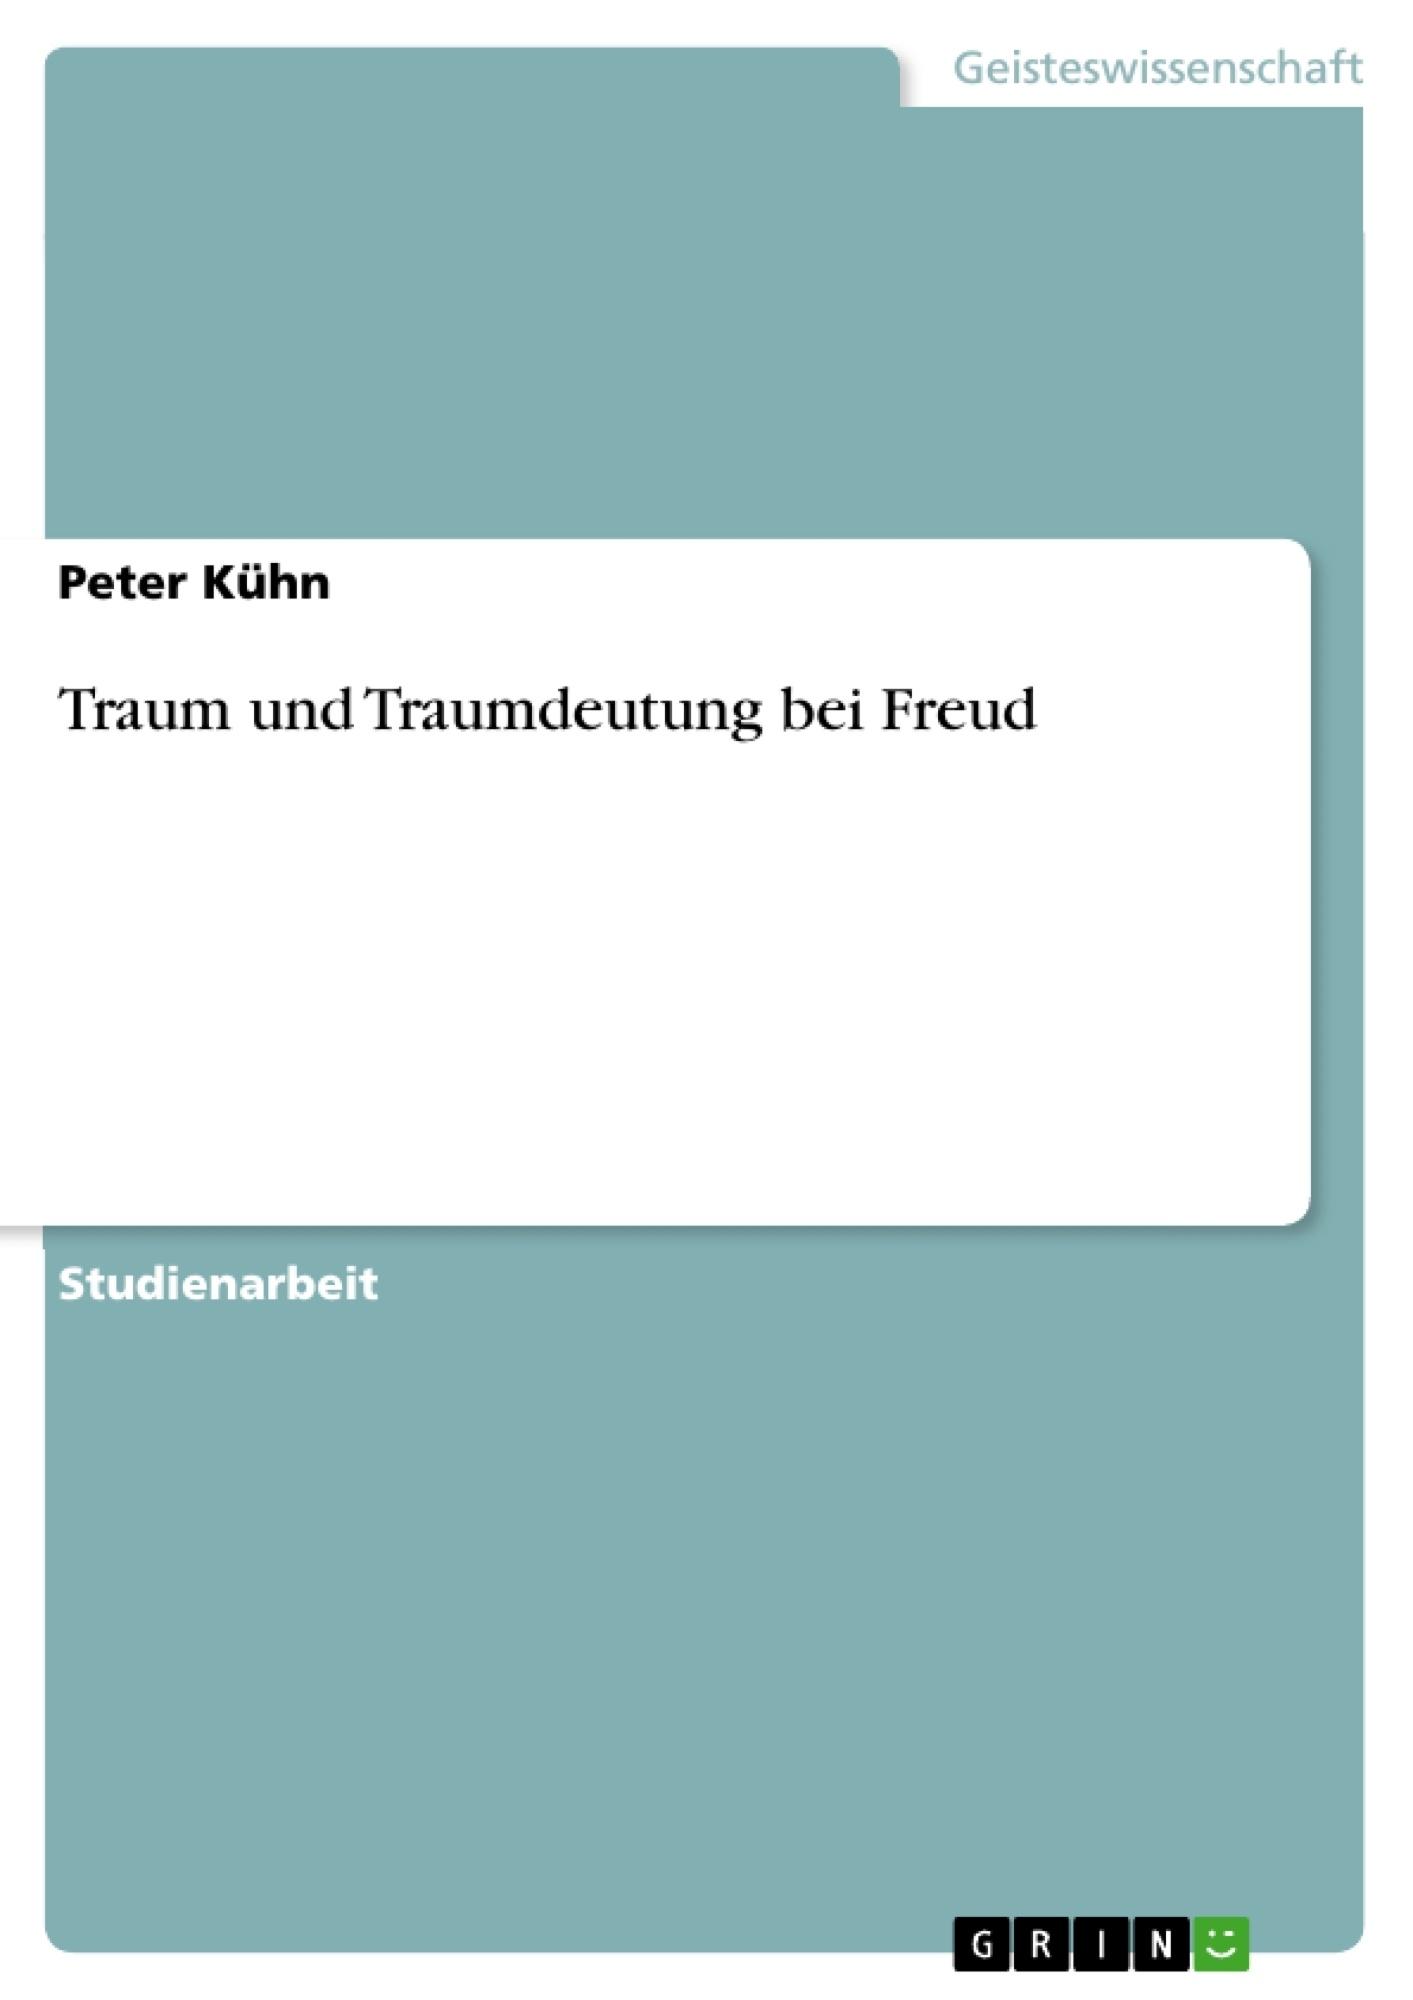 Titel: Traum und Traumdeutung bei Freud